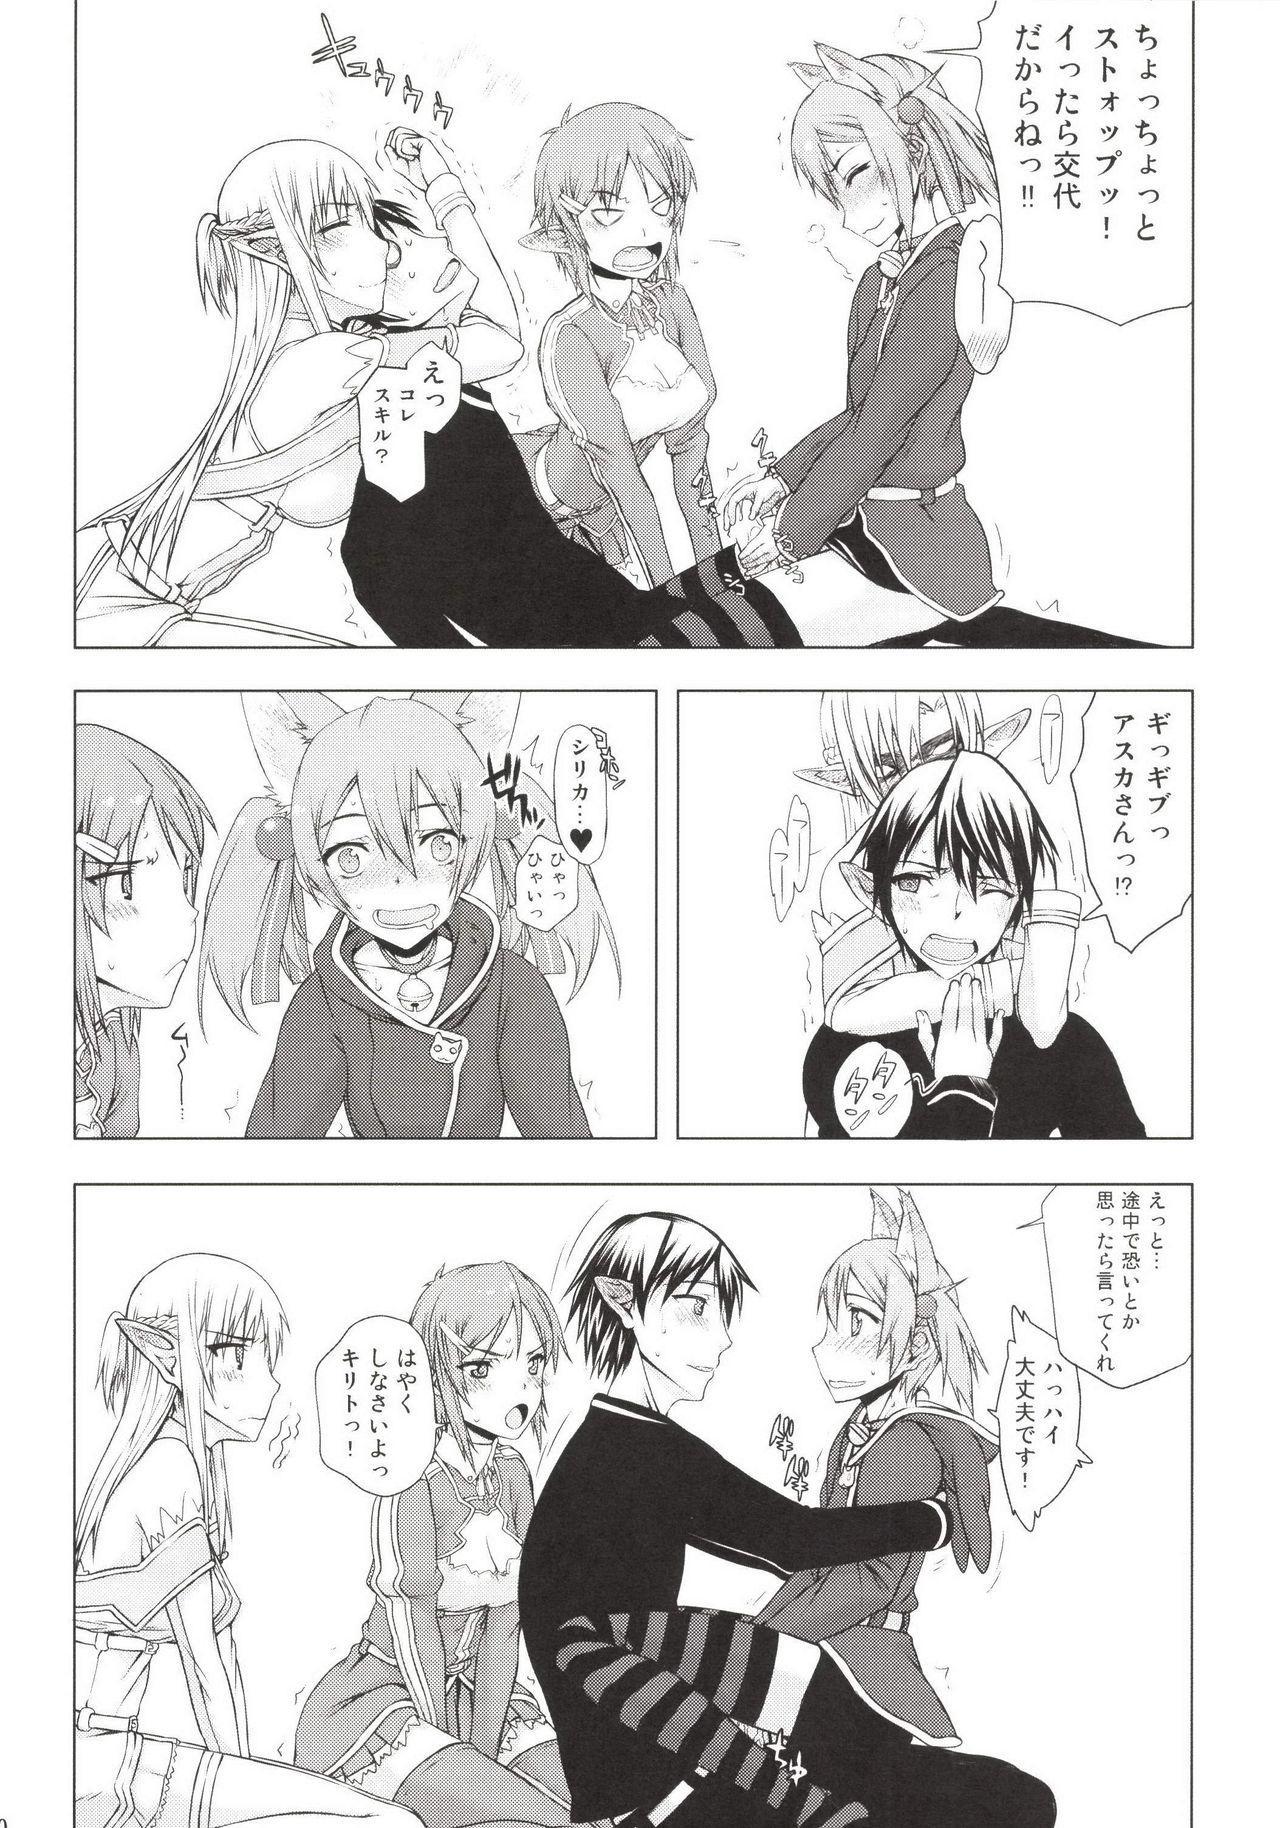 Asuna-san ga Iru kedo Online Dakara Mondai Nai yo ne! 9